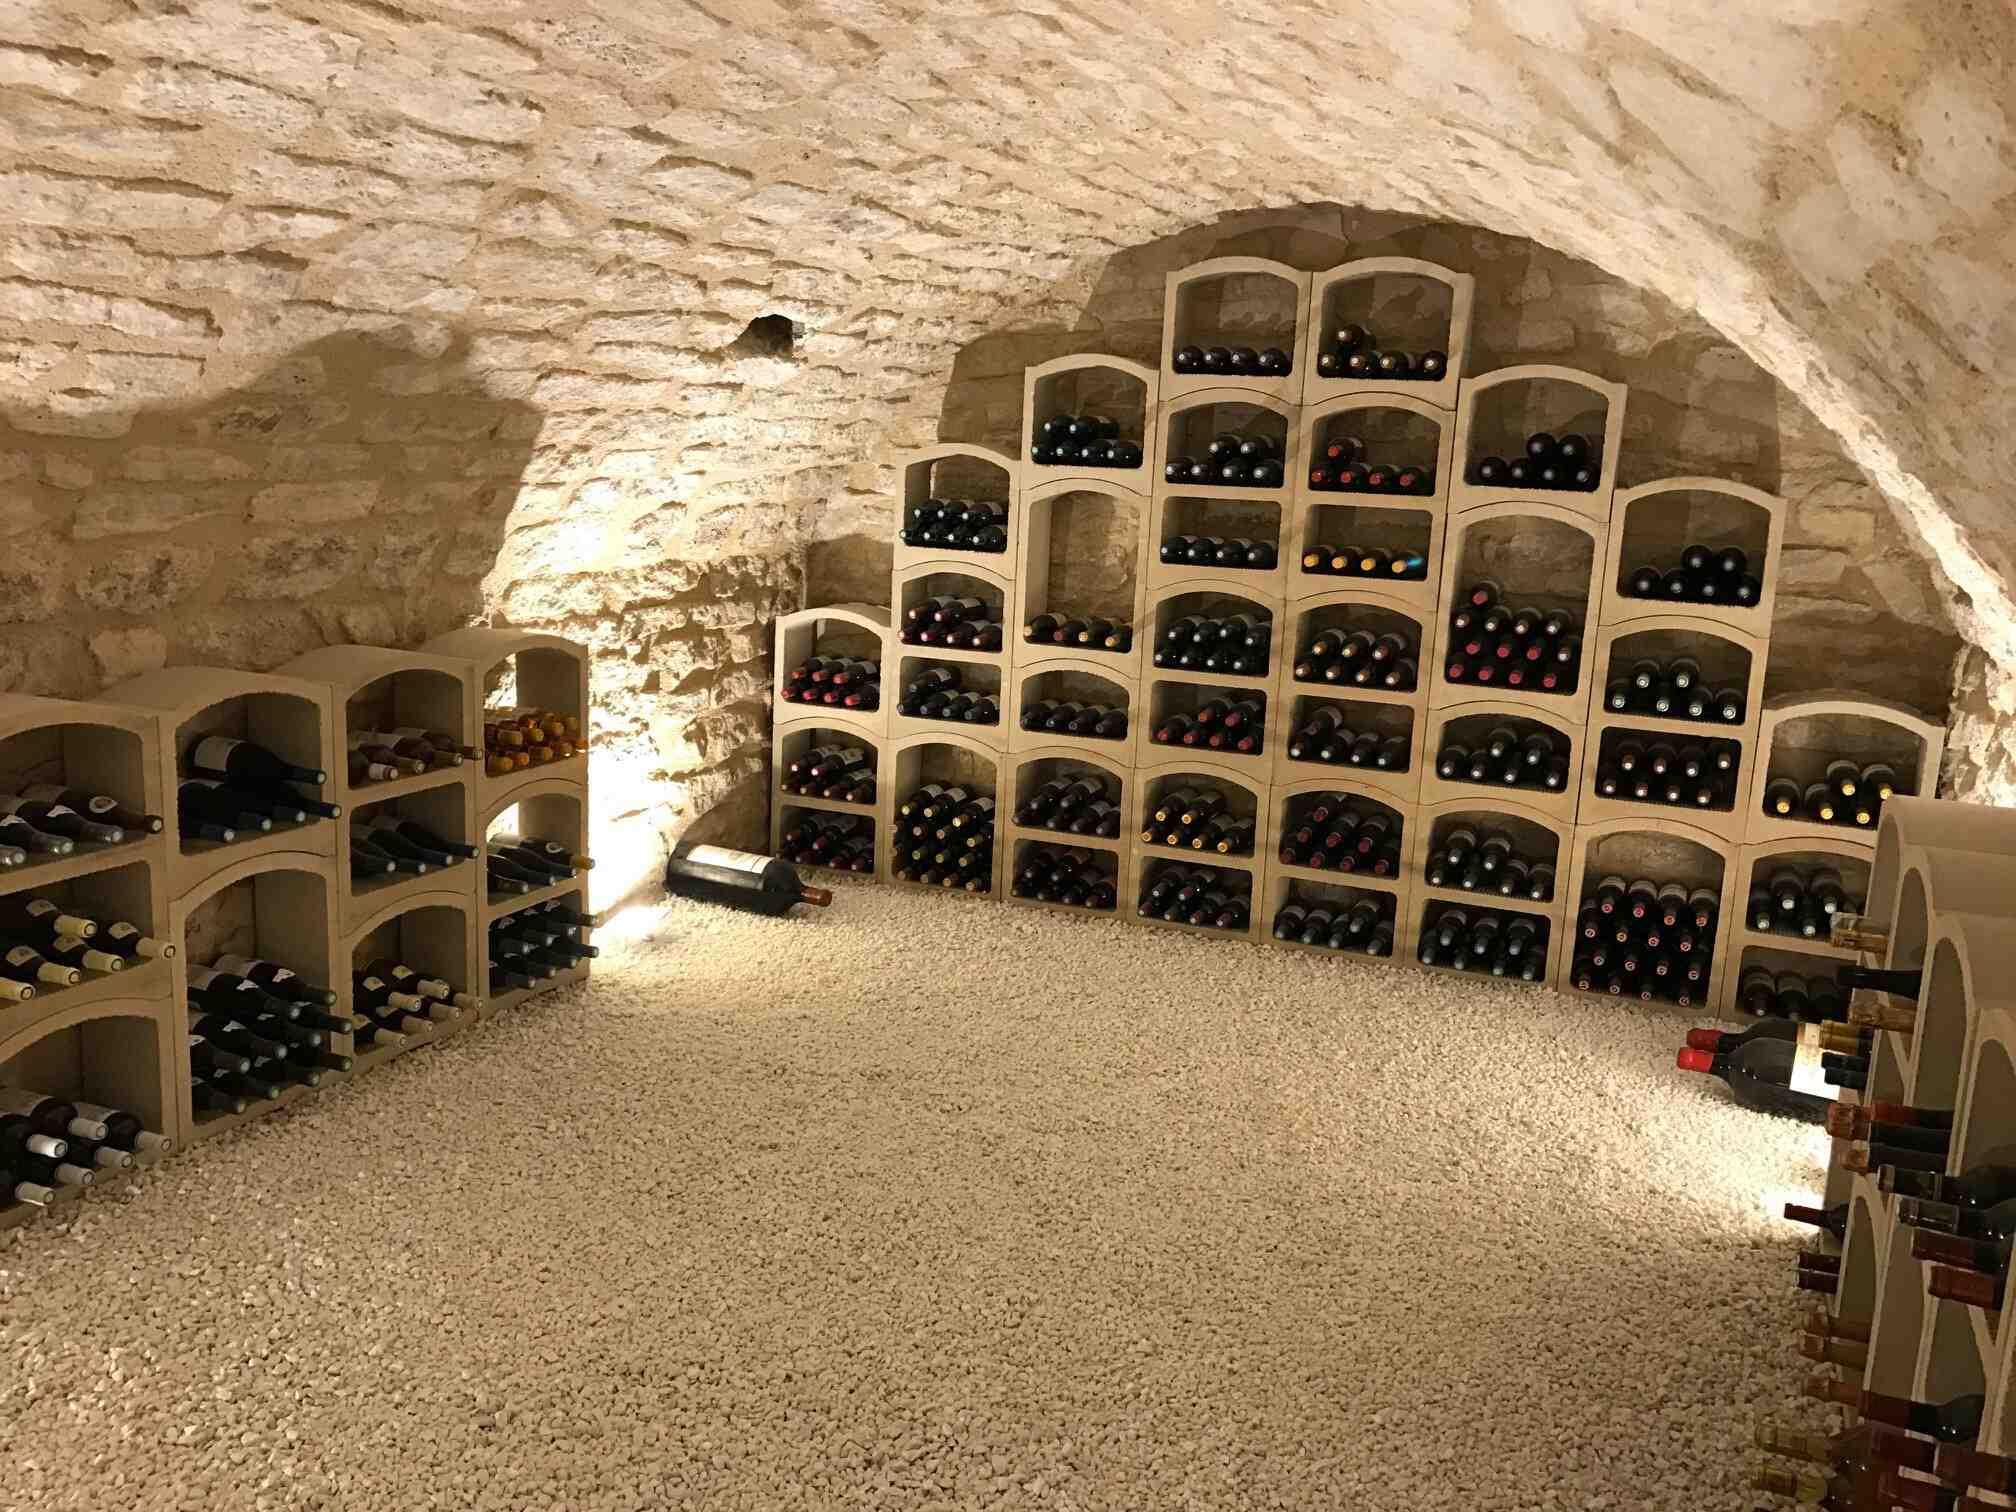 Quel type de vin pouvez-vous conserver pendant 20 ans?